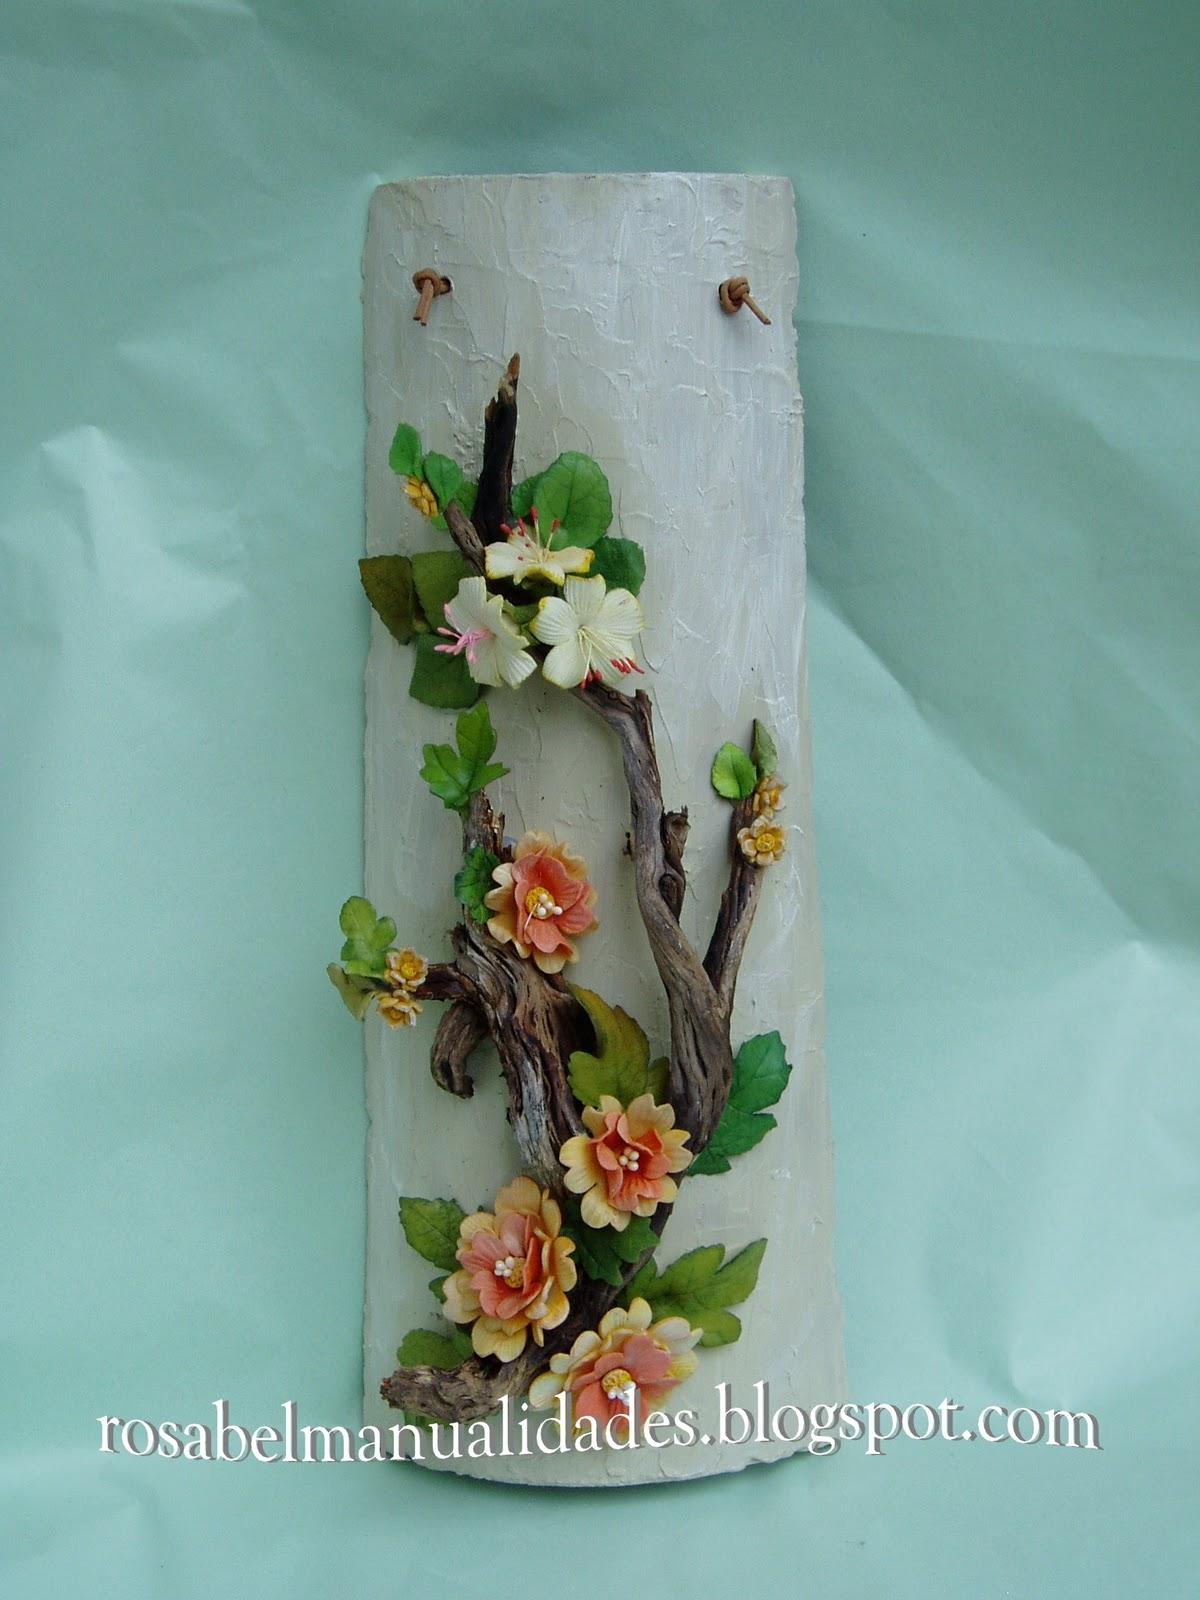 Rosabel manualidades tejas decoradas con pasta de porcelana - Rosabel manualidades ...